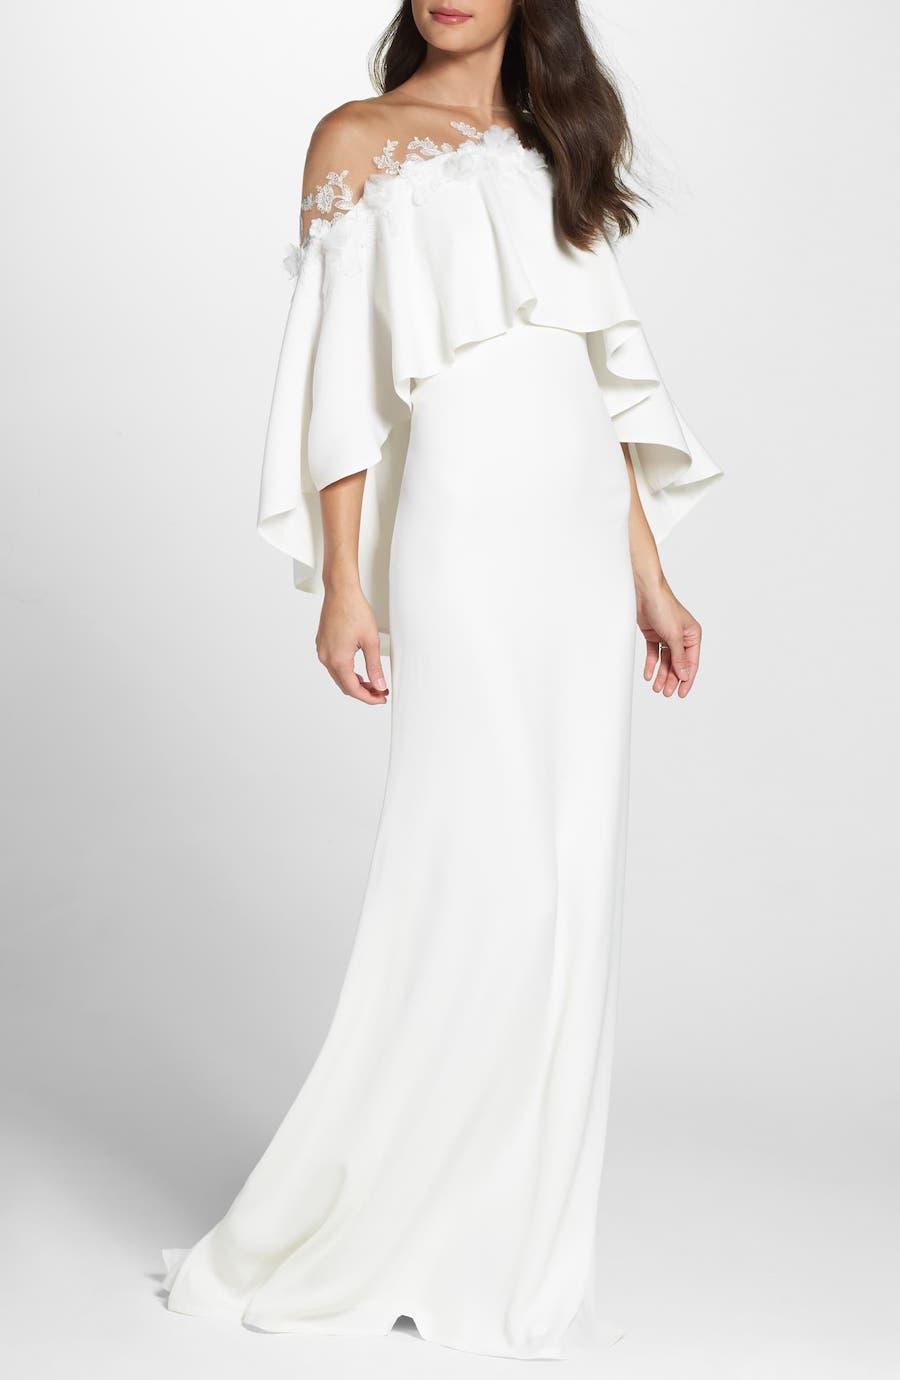 cold shoulder overlay wedding dress